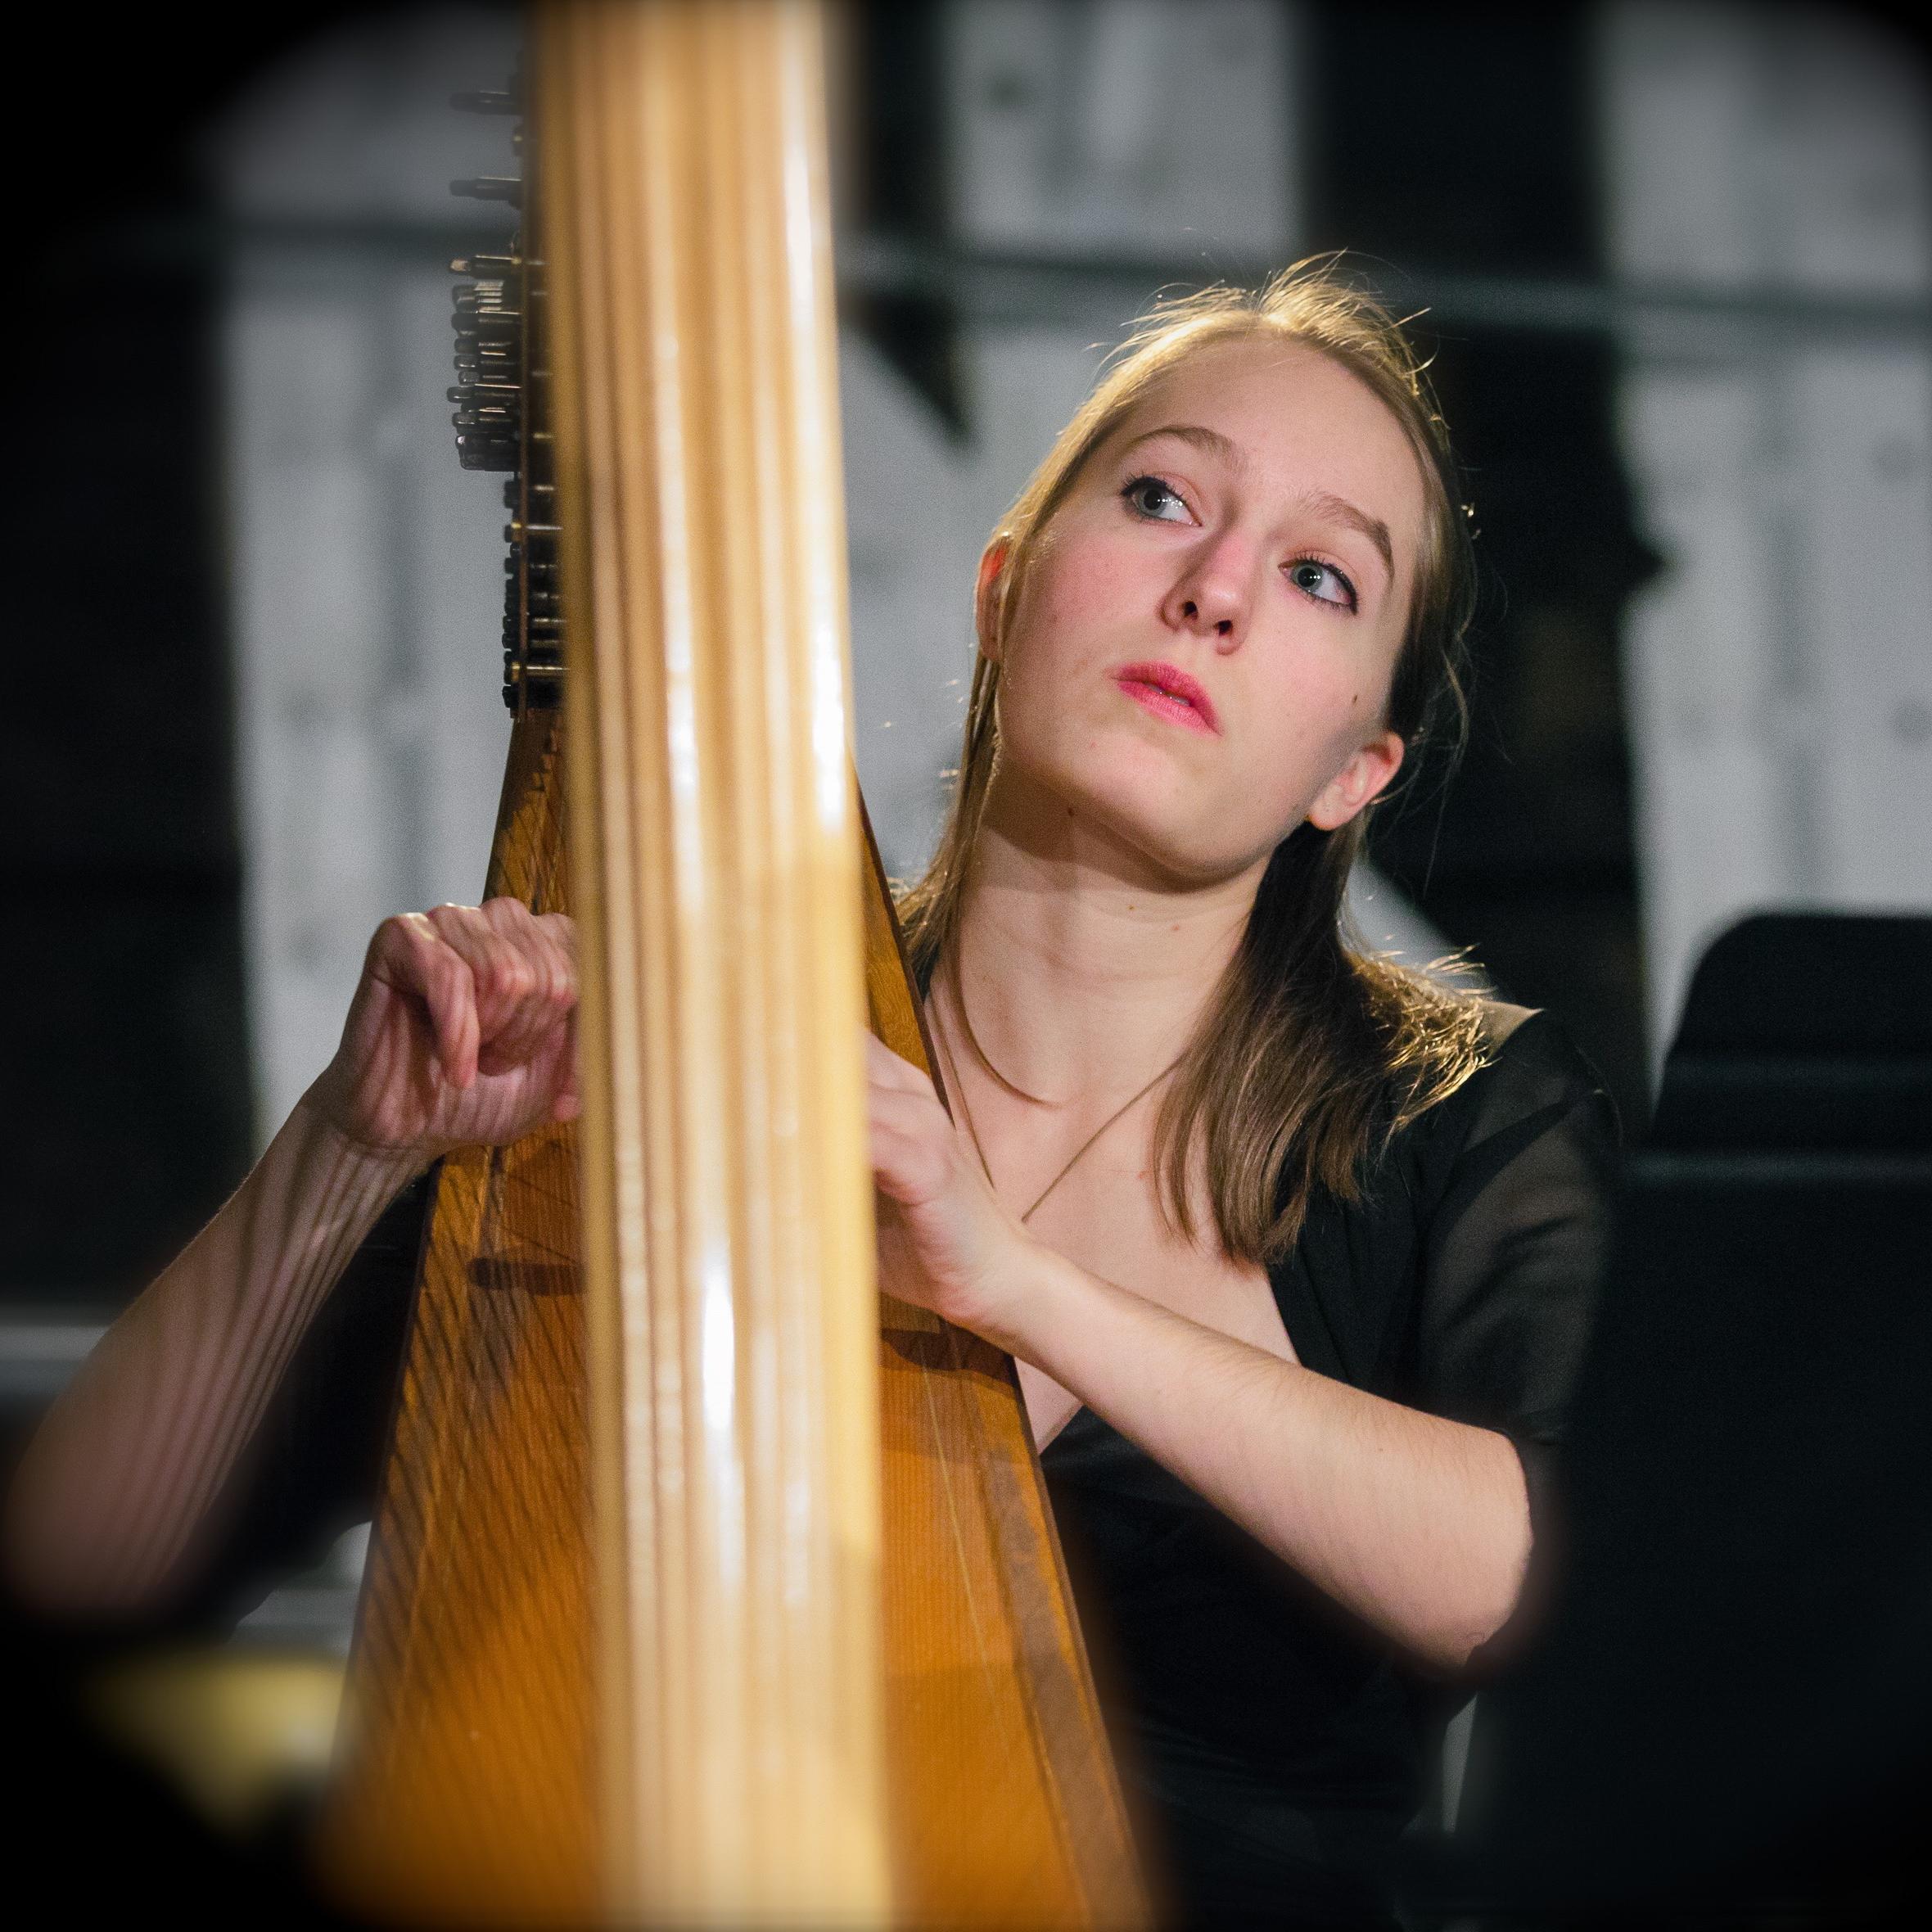 Laure Genthialon